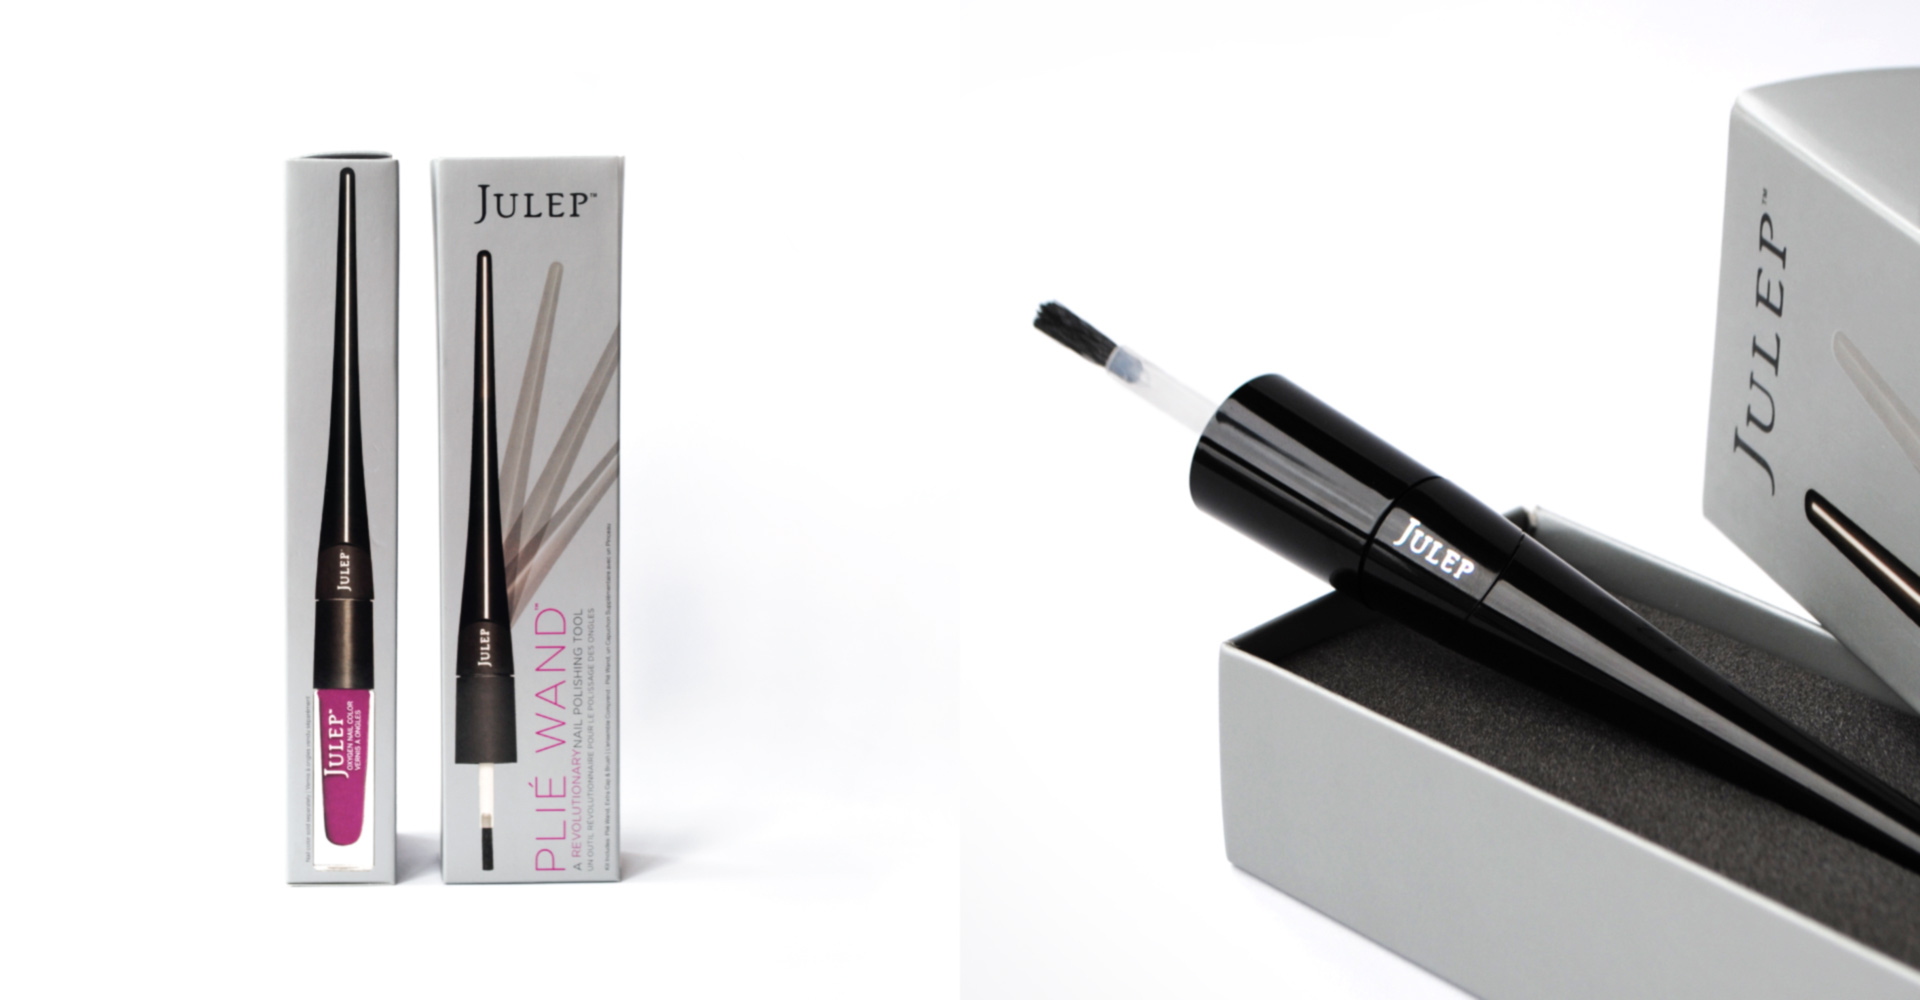 Creative_Retail_Packaging_Custom_Beauty_Packaging_Julep_08-4.jpg